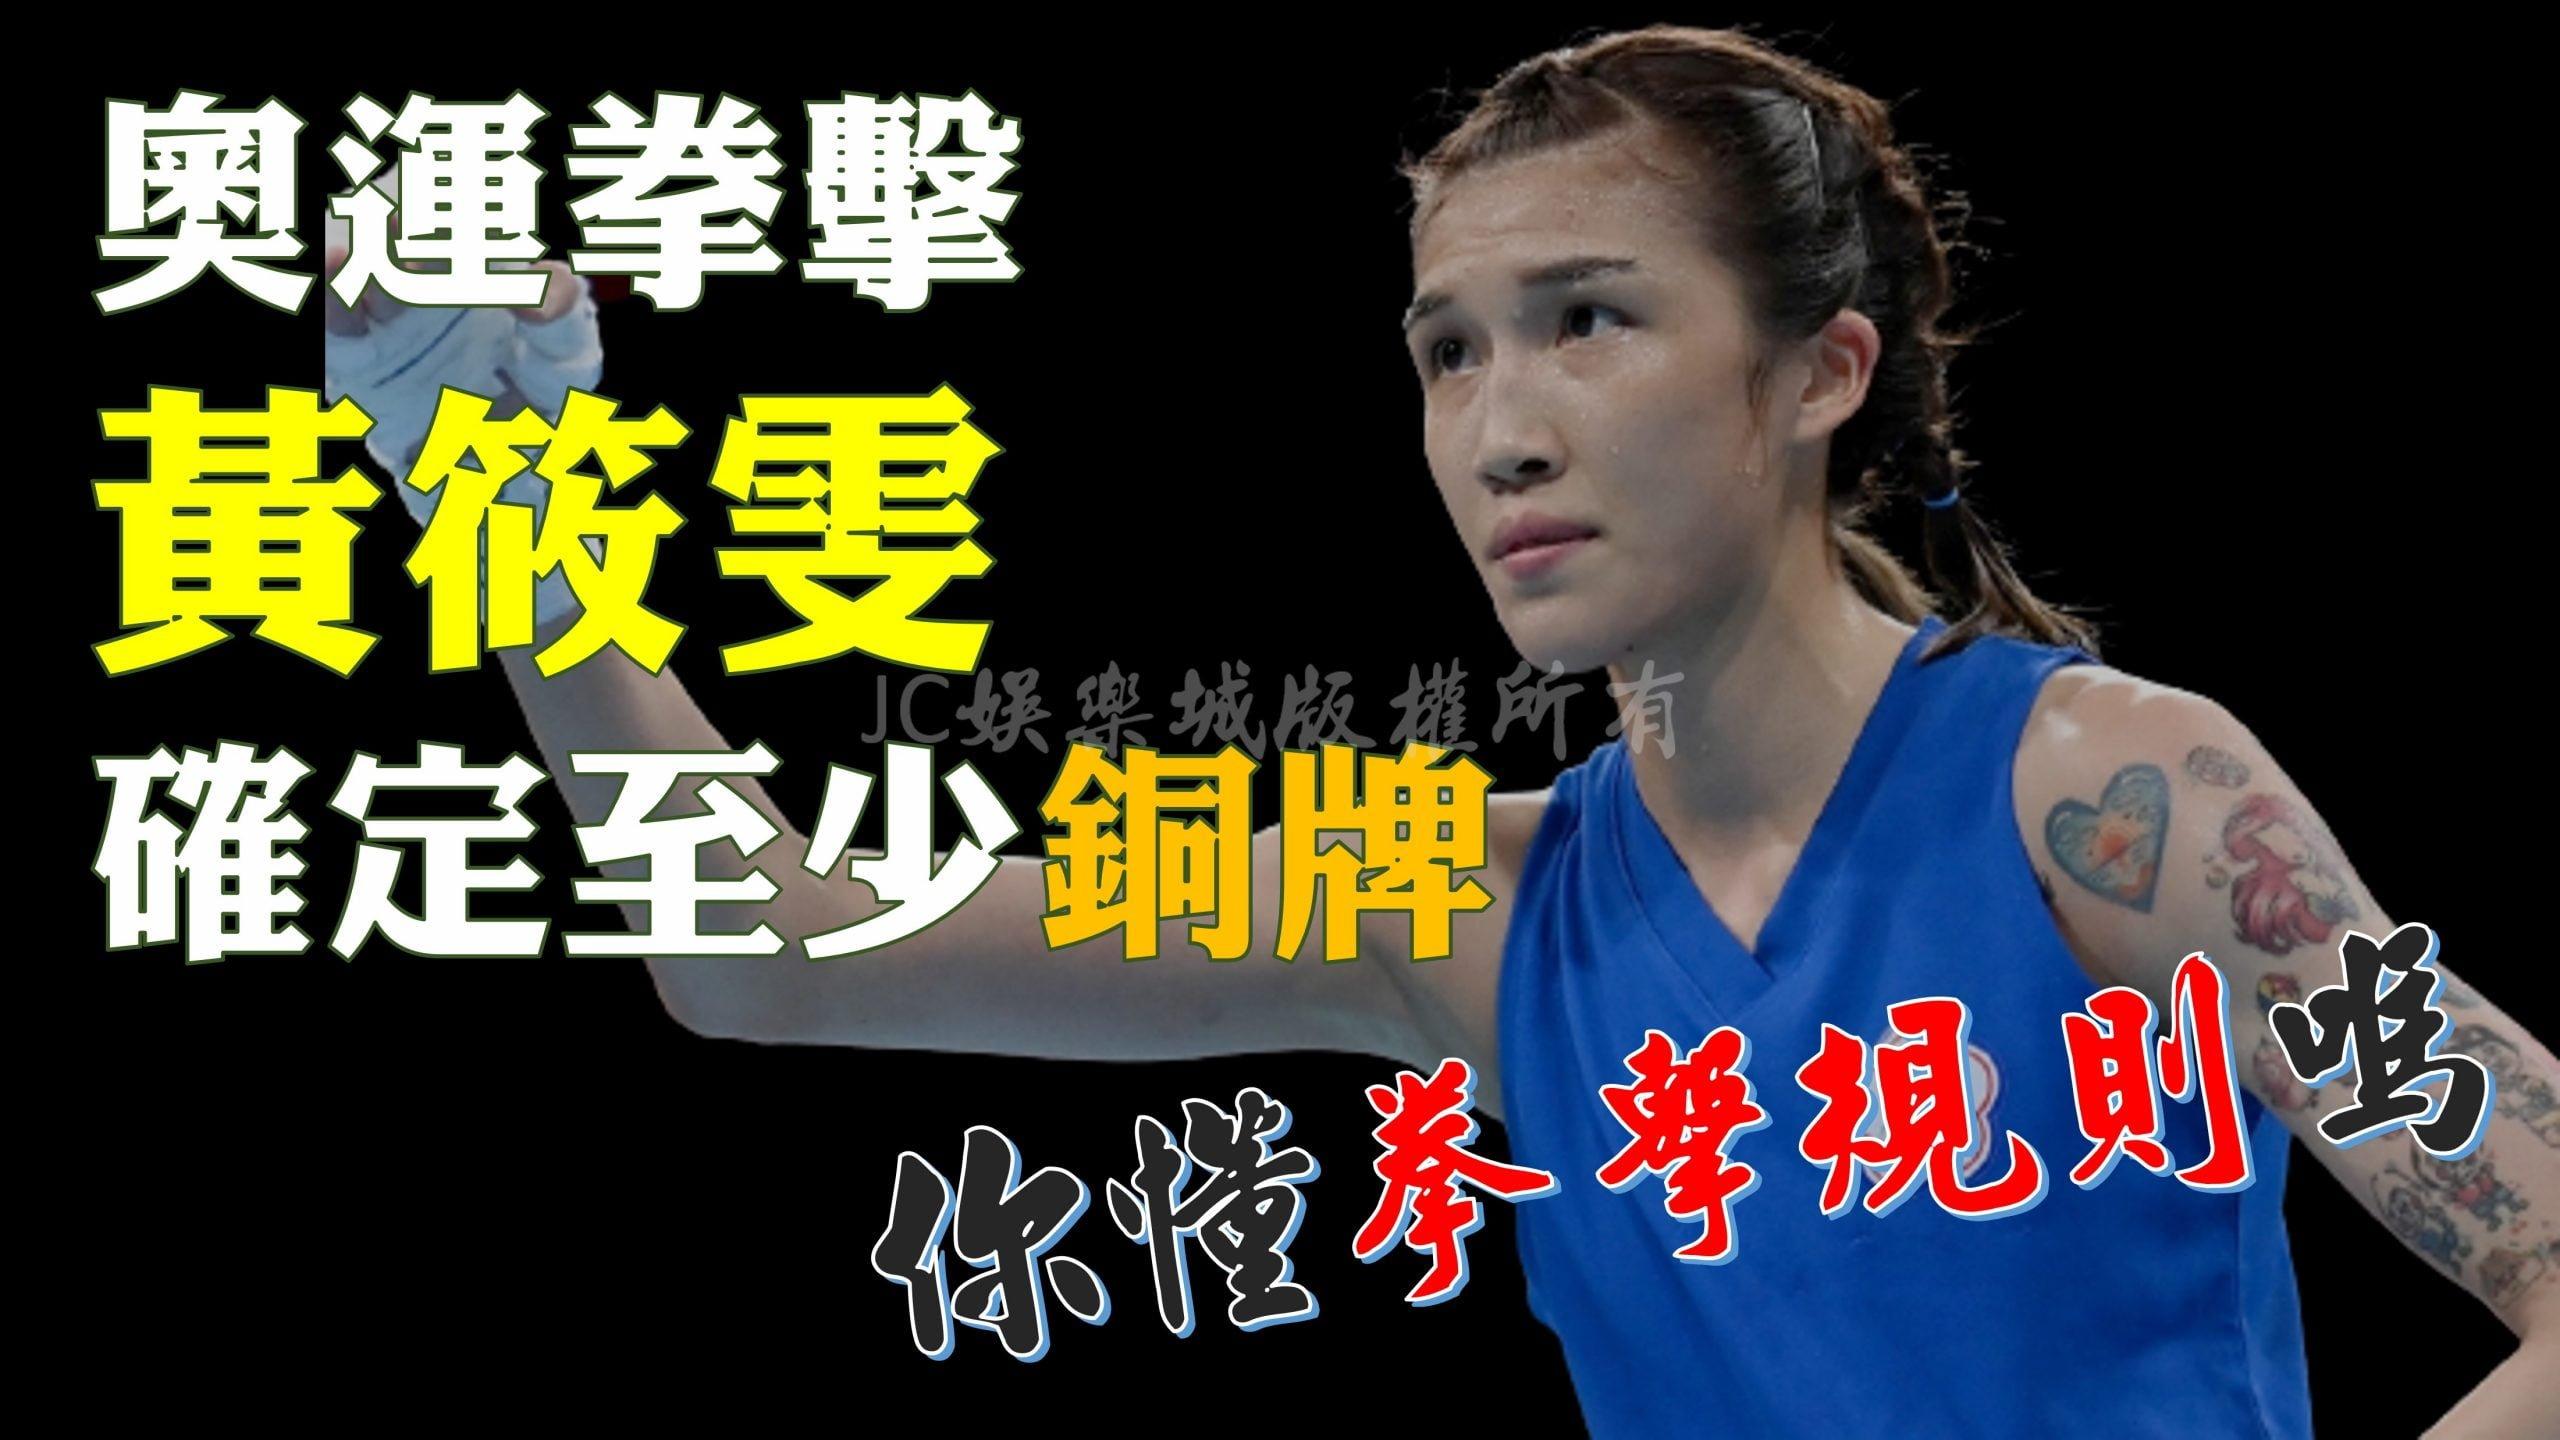 中華隊確定再添一獎牌!黃筱雯接下來的拳擊賽程有望挑戰金牌!